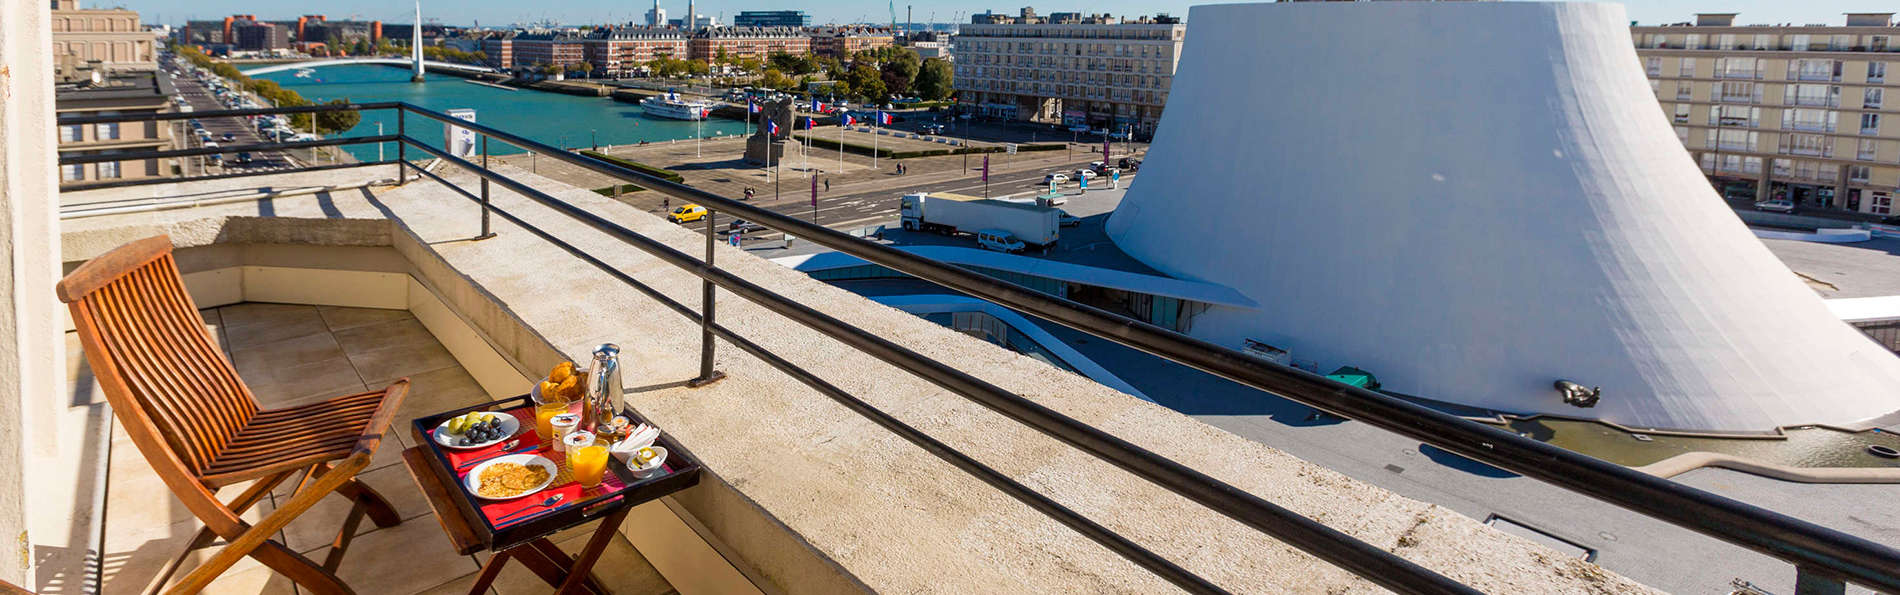 Verblijf met privé terras en zicht op het bekken van Le Havre